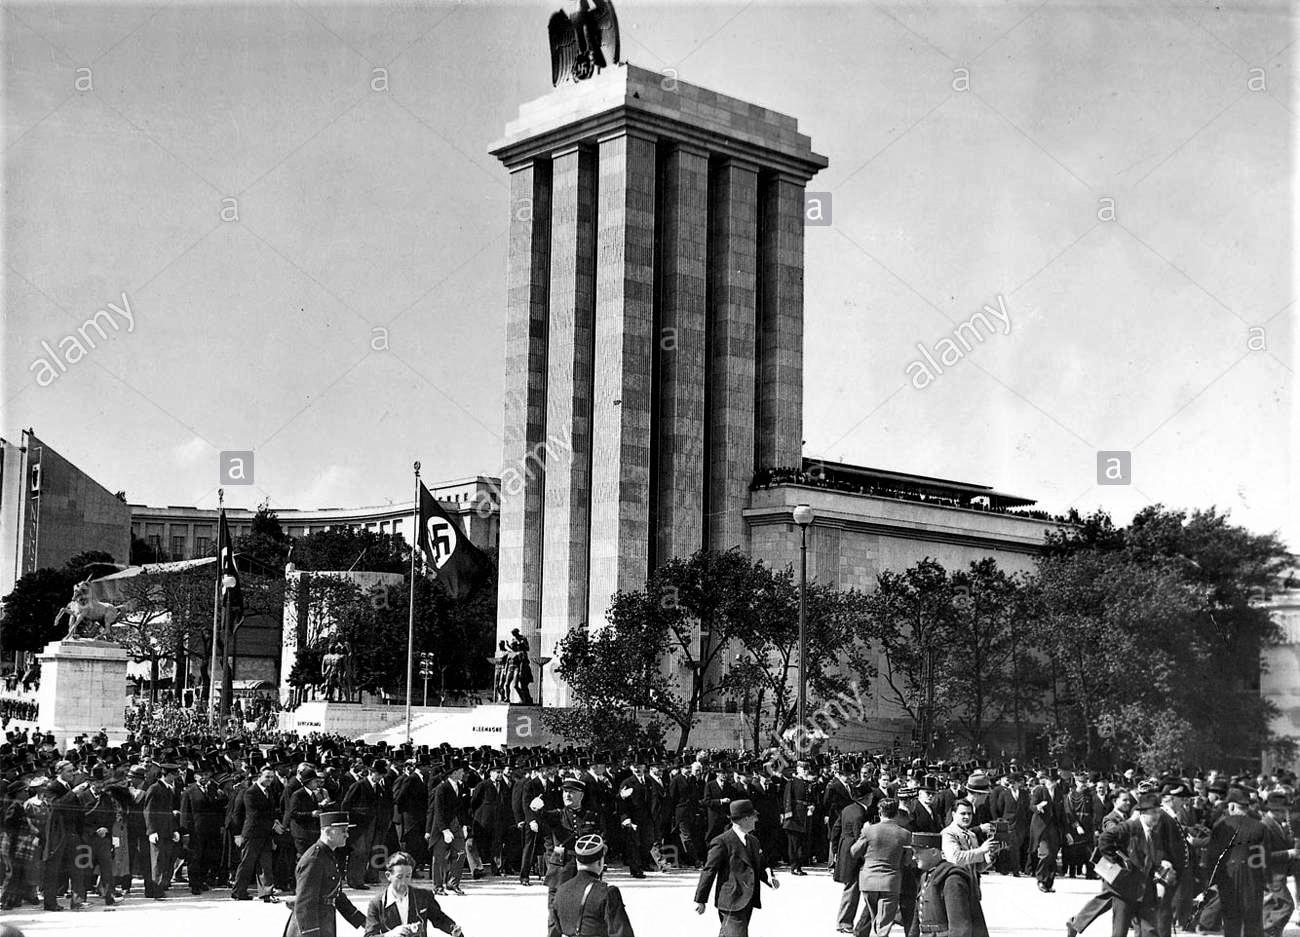 Немецкий павильон на Всемирной выставке в Париже 1937 г.